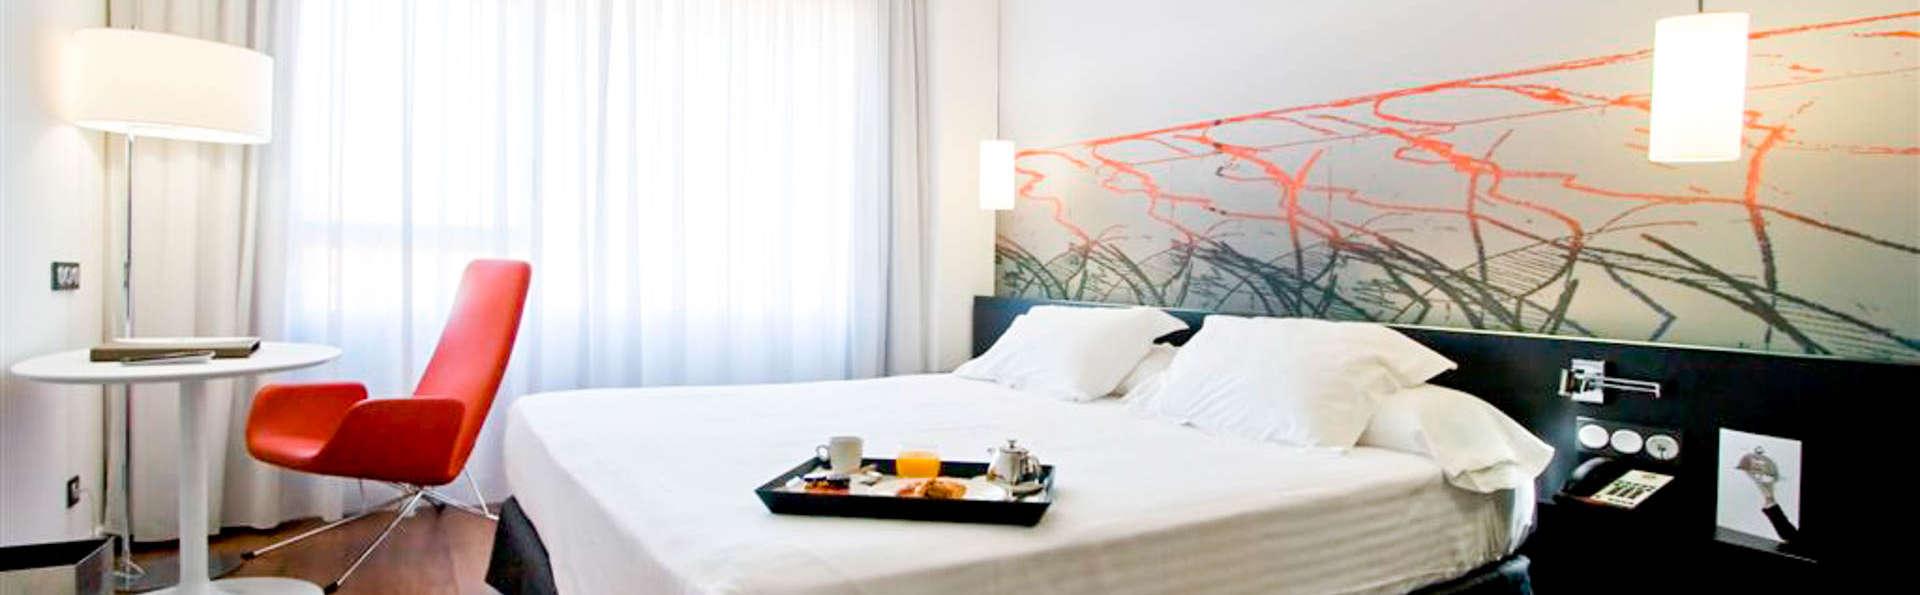 Escapada romántica: Descubre Madrid y disfruta de los detalles románticos en la habitación